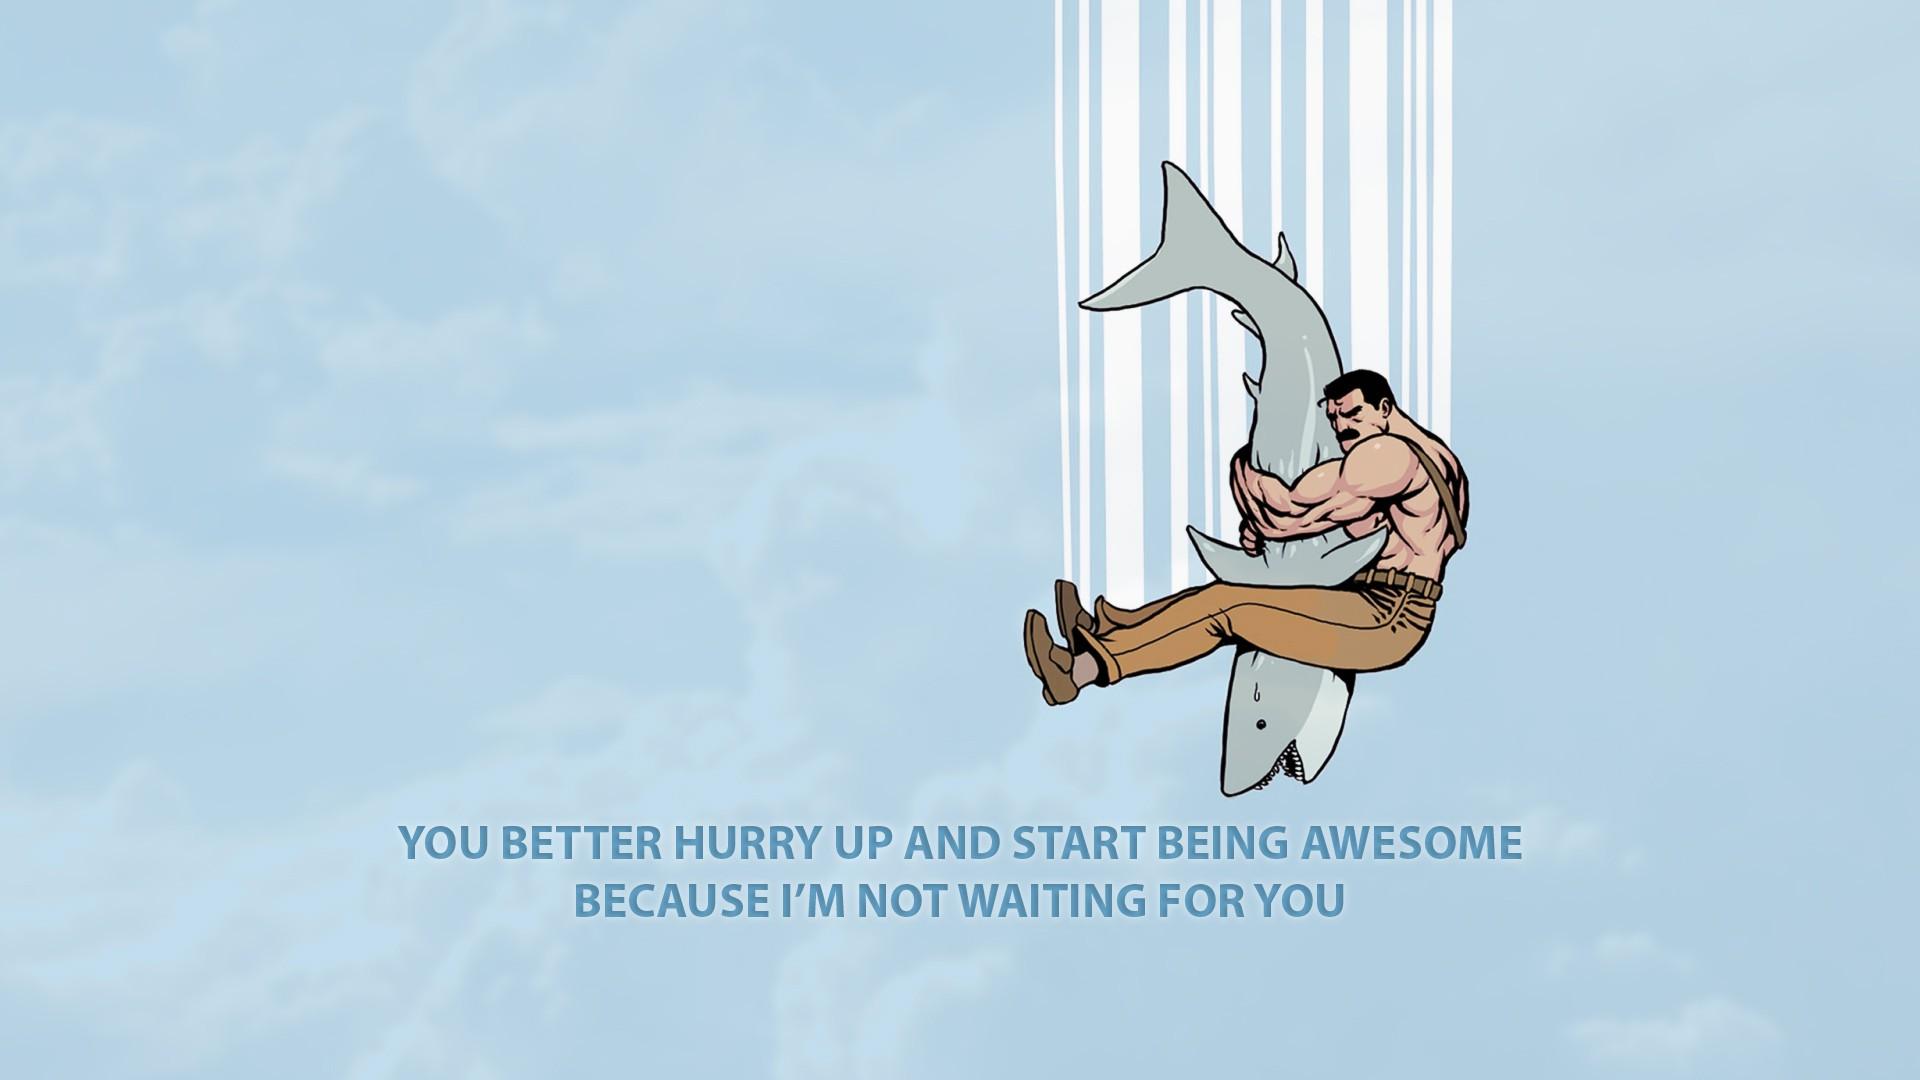 Funny Motivational Wallpaper Hd For Desktop Full Hd - Motivational Wallpaper Video Game , HD Wallpaper & Backgrounds